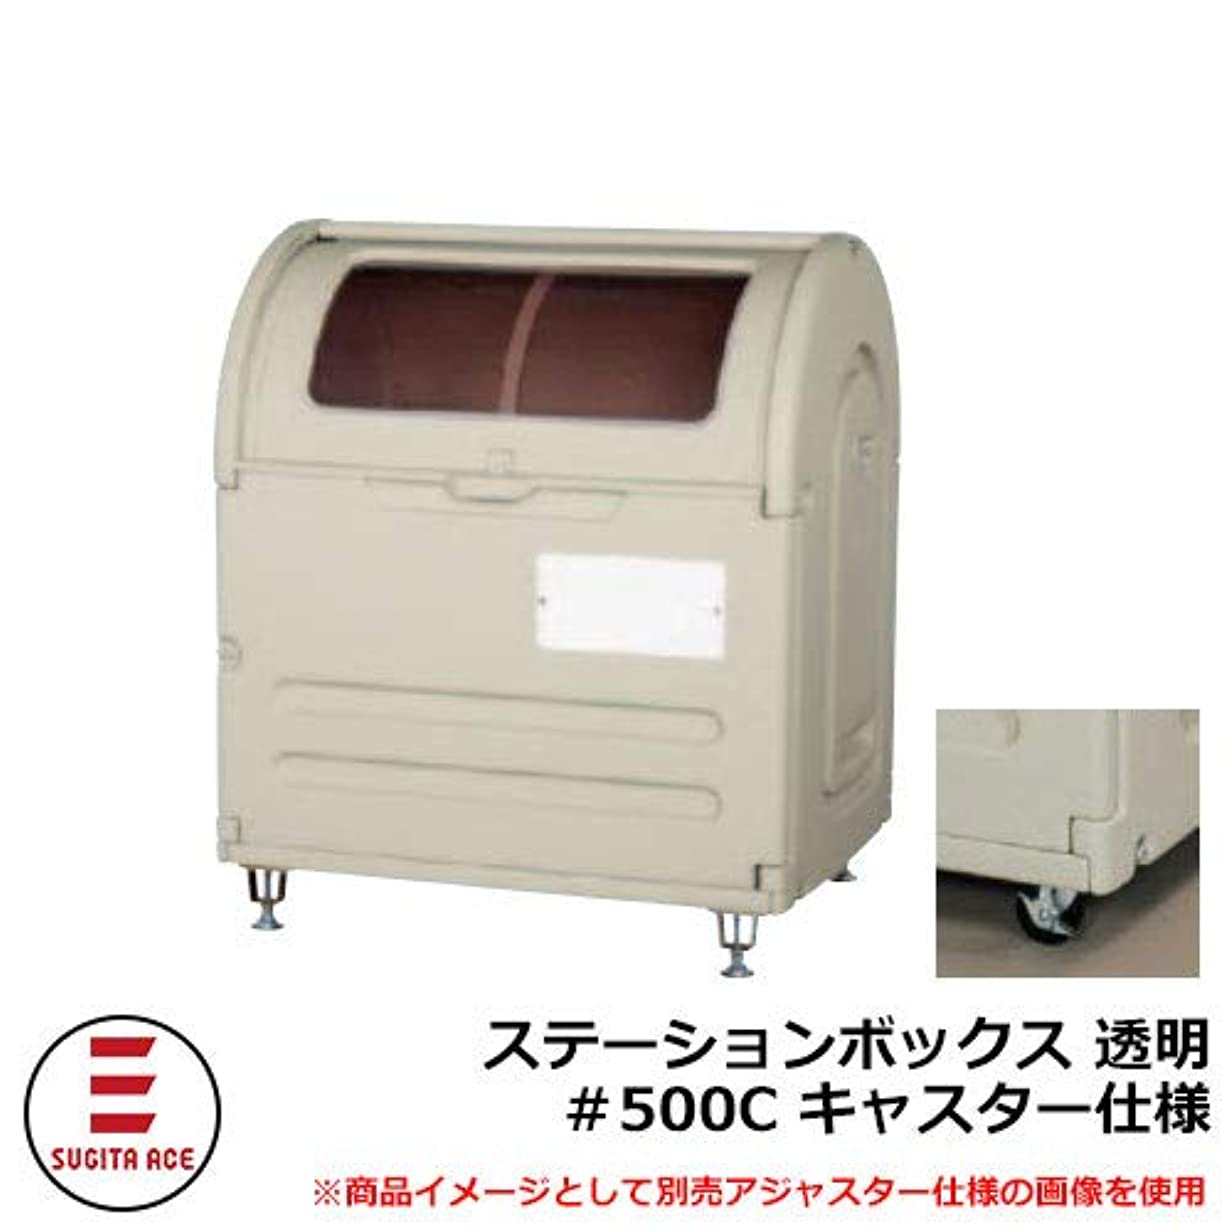 バット法律によりフレームワーク業務用大型ゴミ箱 ステーションボックス透明 #500C キャスター仕様 515-774